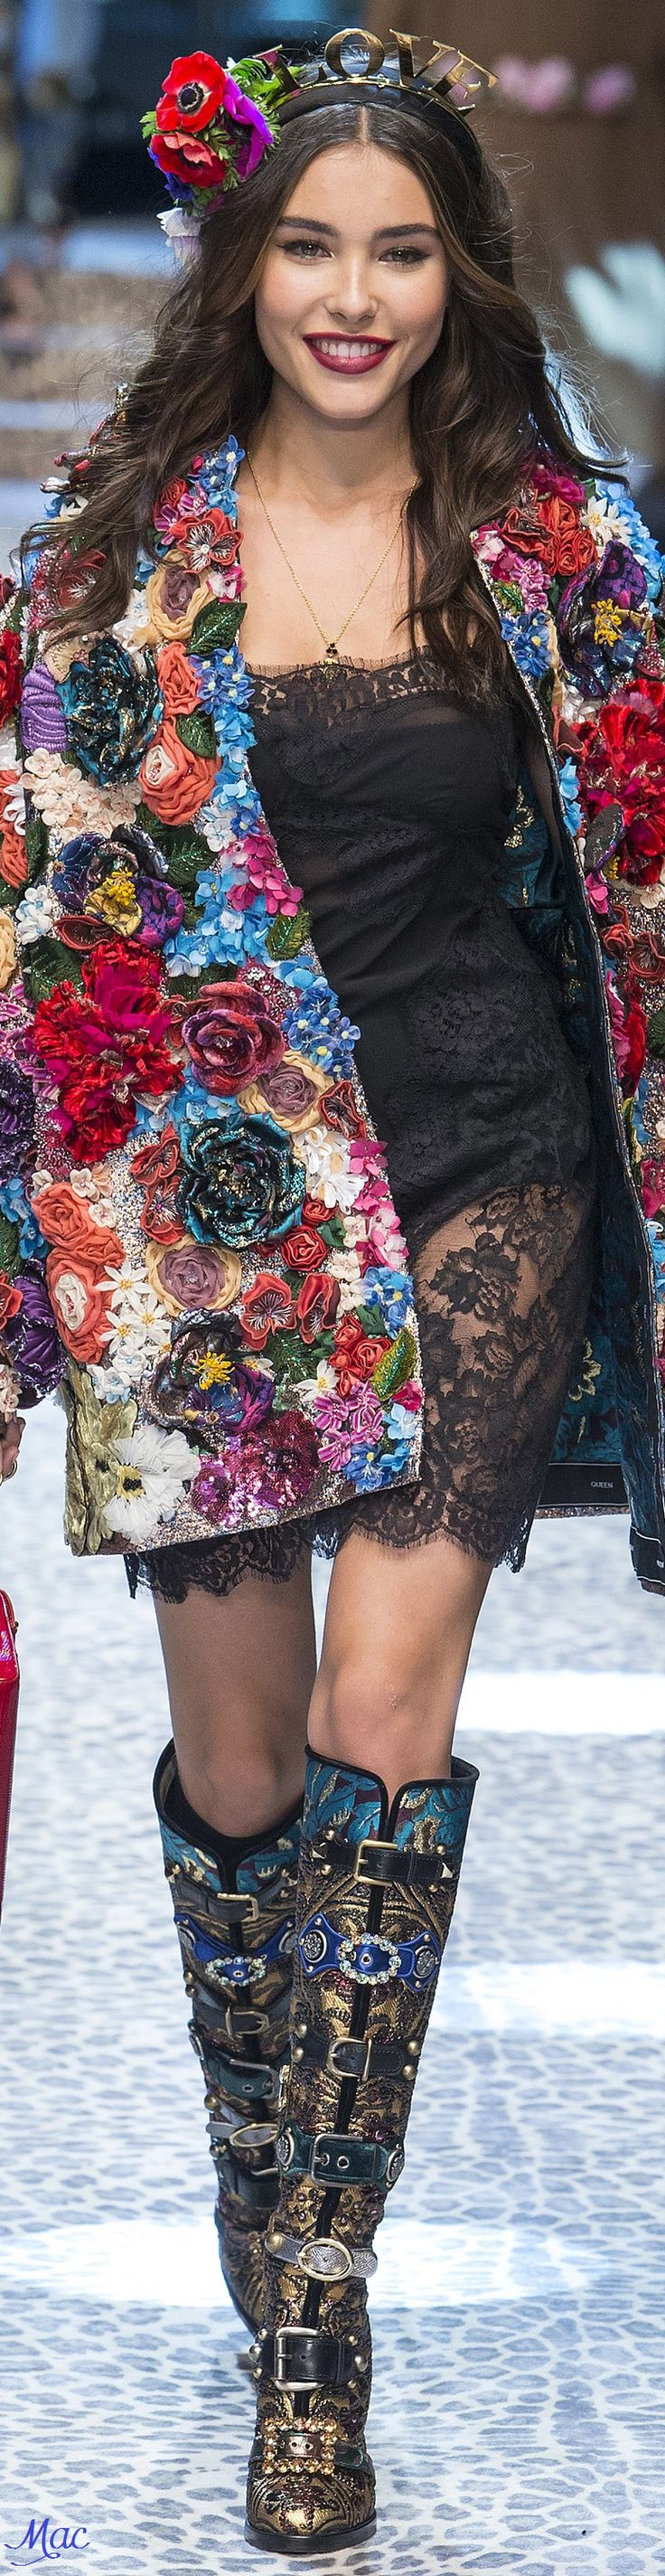 Outfits & Accessoires Veste à fleurs top color. Robe fine à dentelle noire.  Dolce & Gabbana 2017.